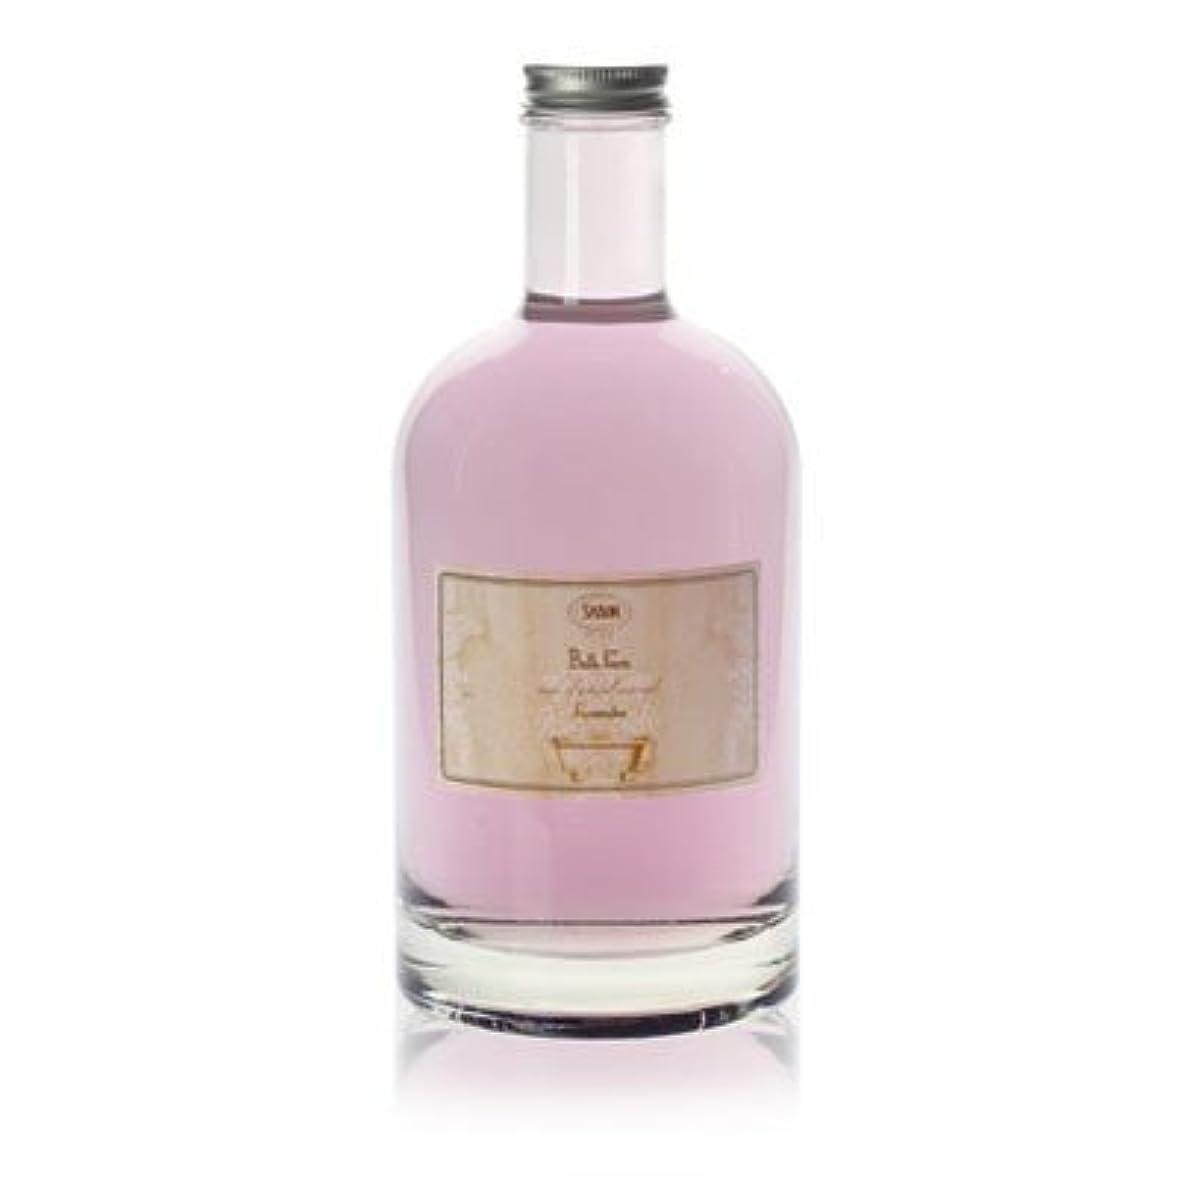 アート崇拝するオーバーフロー【SABON(サボン)】Bath Foam Lavender バス フォーム ラベンダー